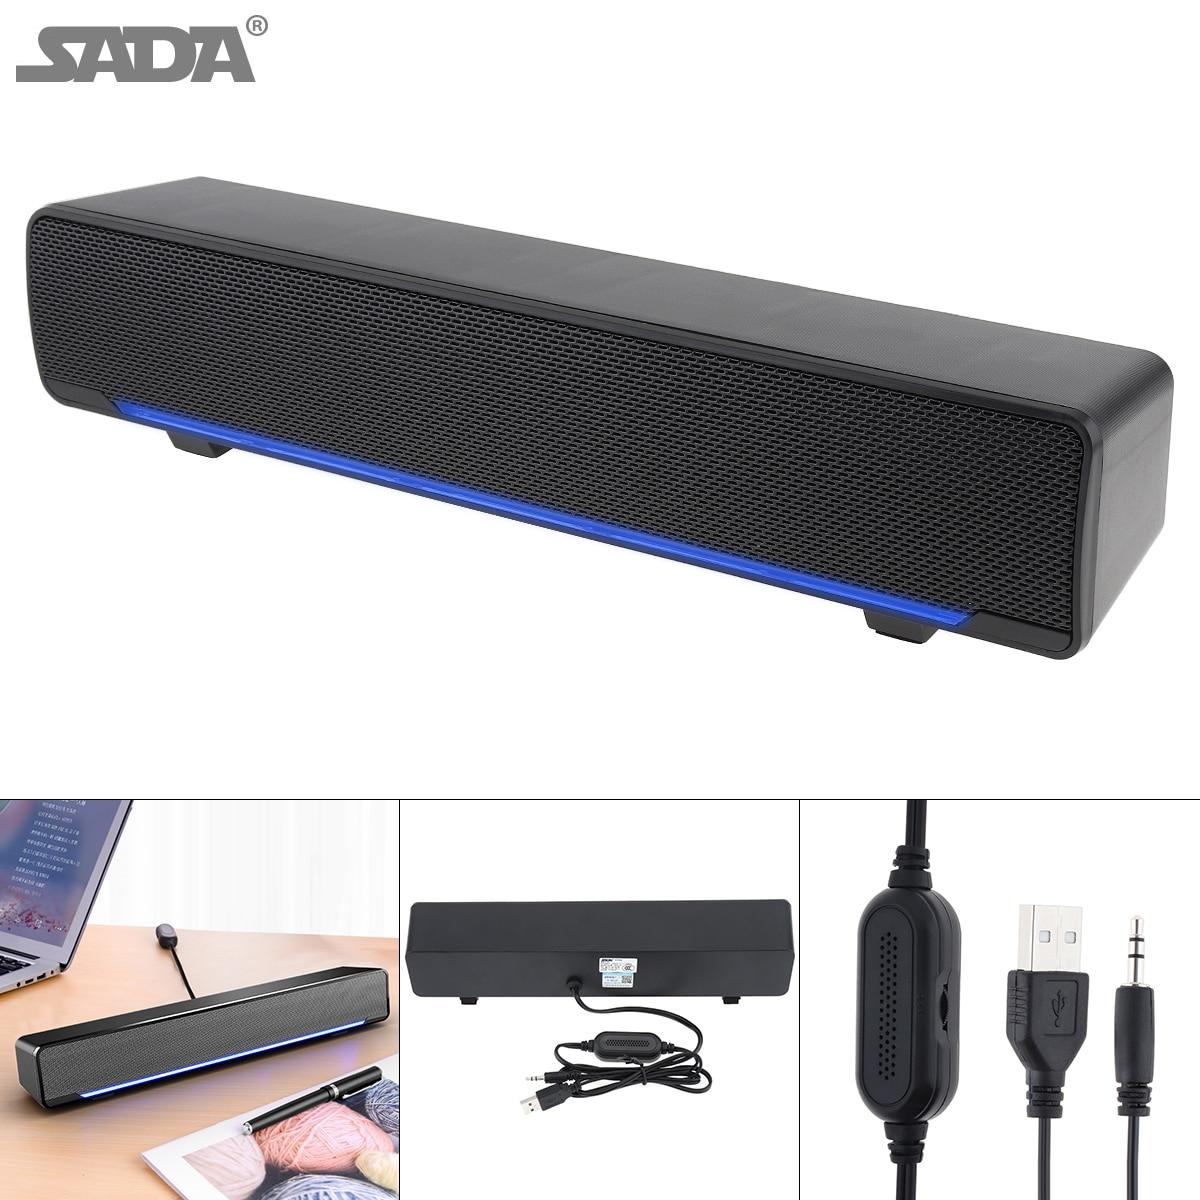 SADA V-196 полосная Колонка Беспроводная настольная мультимедийная звуковая панель с двойным динамиком DSP и смешивающим звуком для домашнего о...